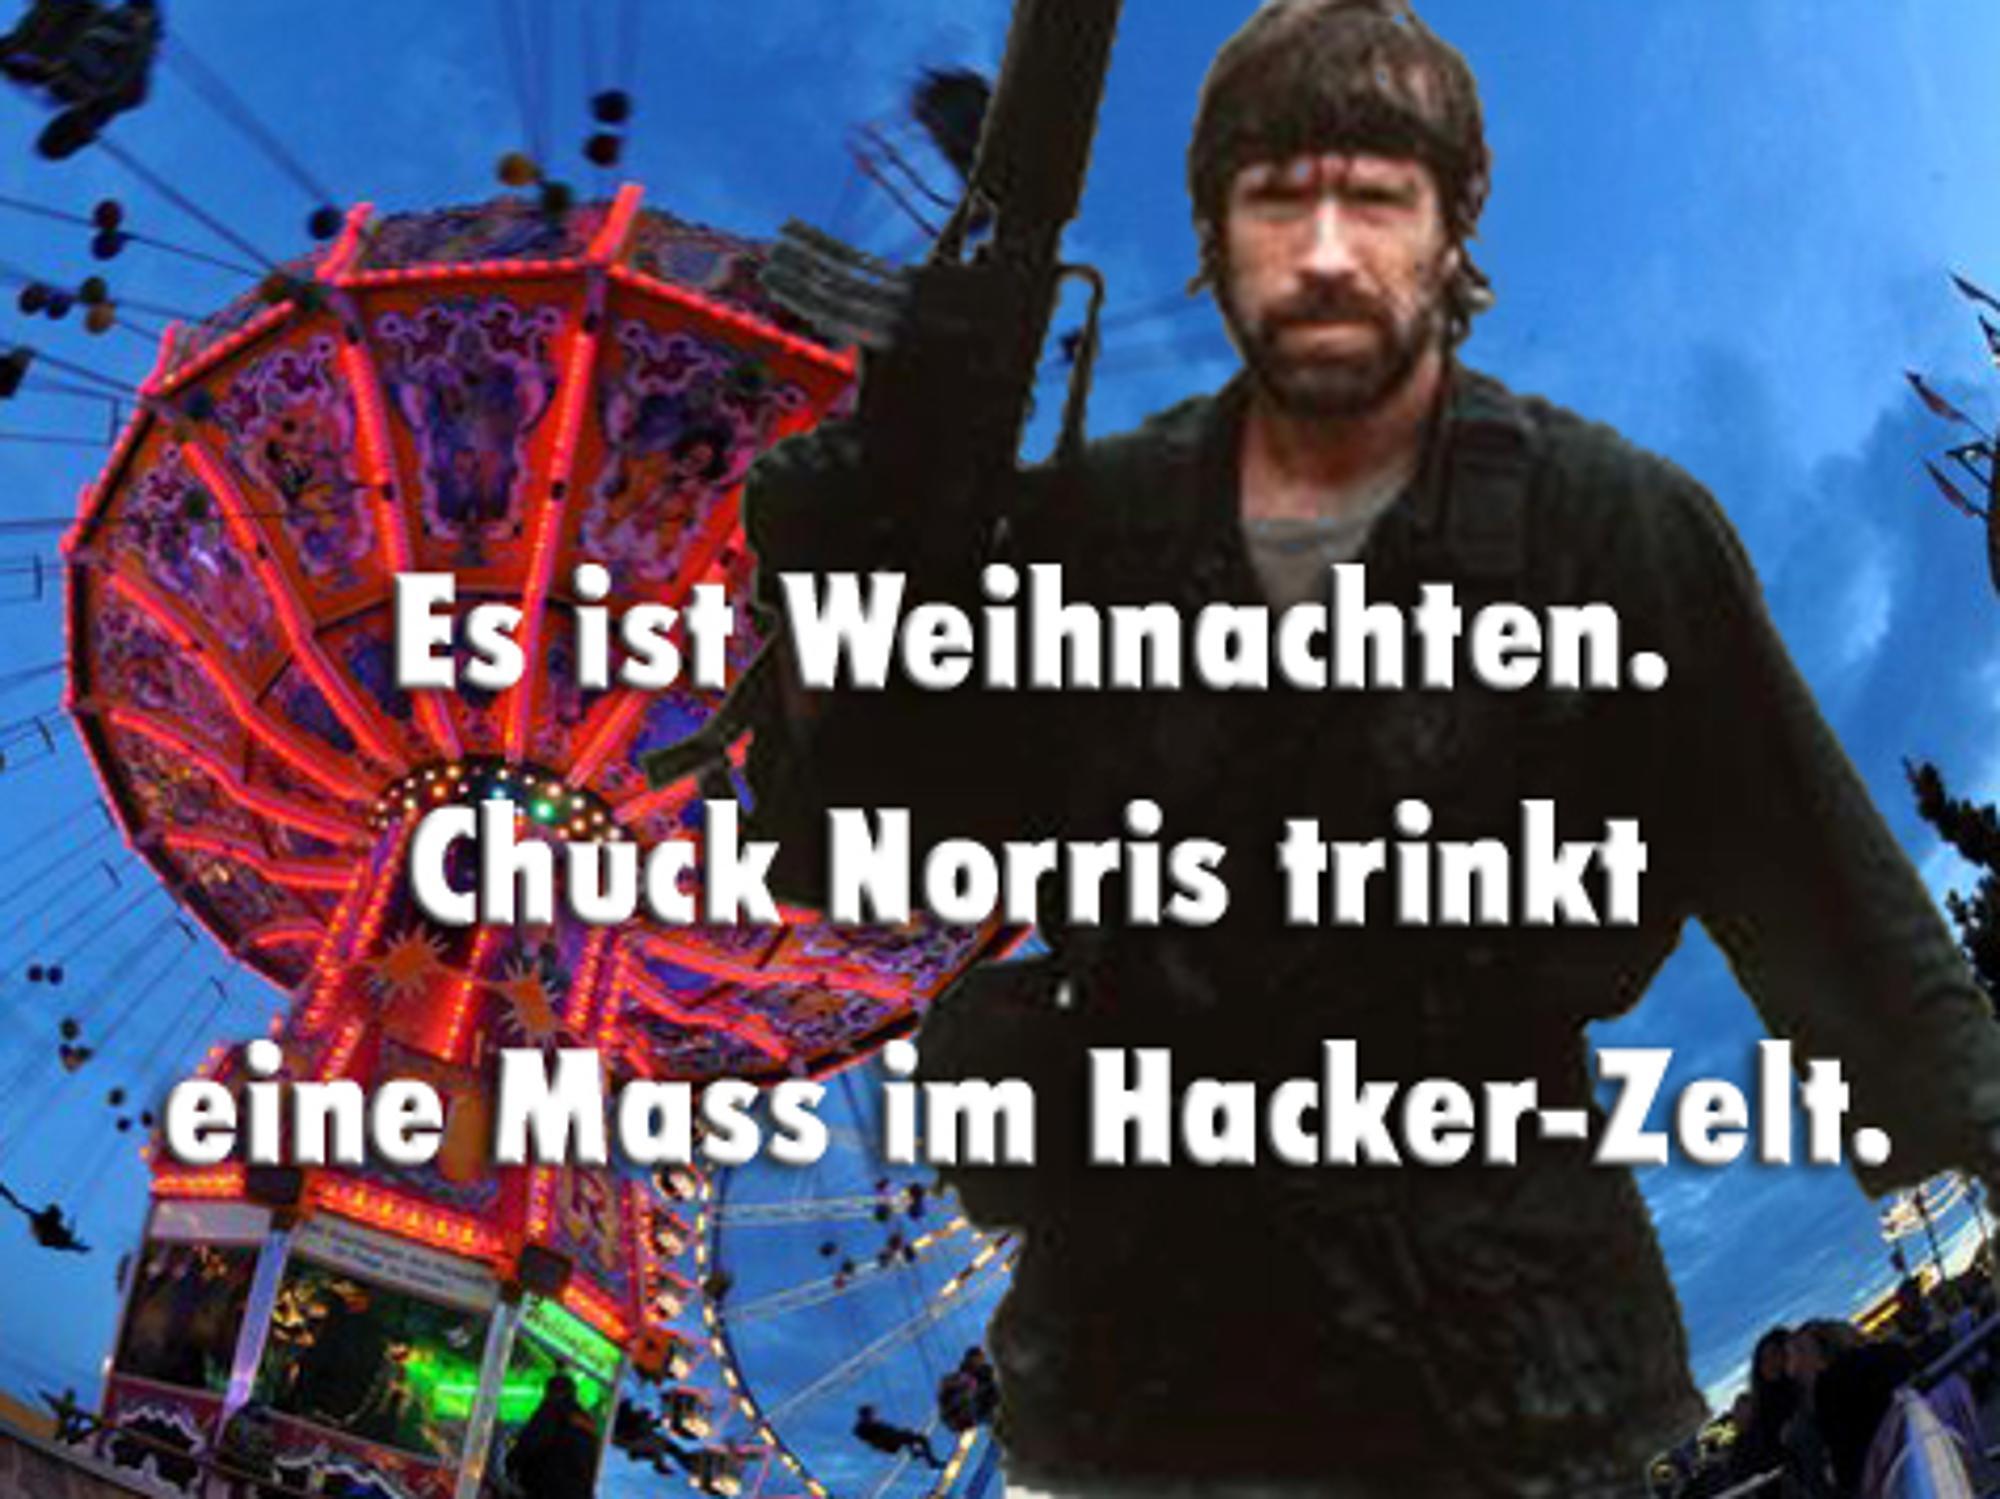 Chuck Norris Weihnachten.Chuck Norris Zeigt Van Damme Was Episch Ist Stars